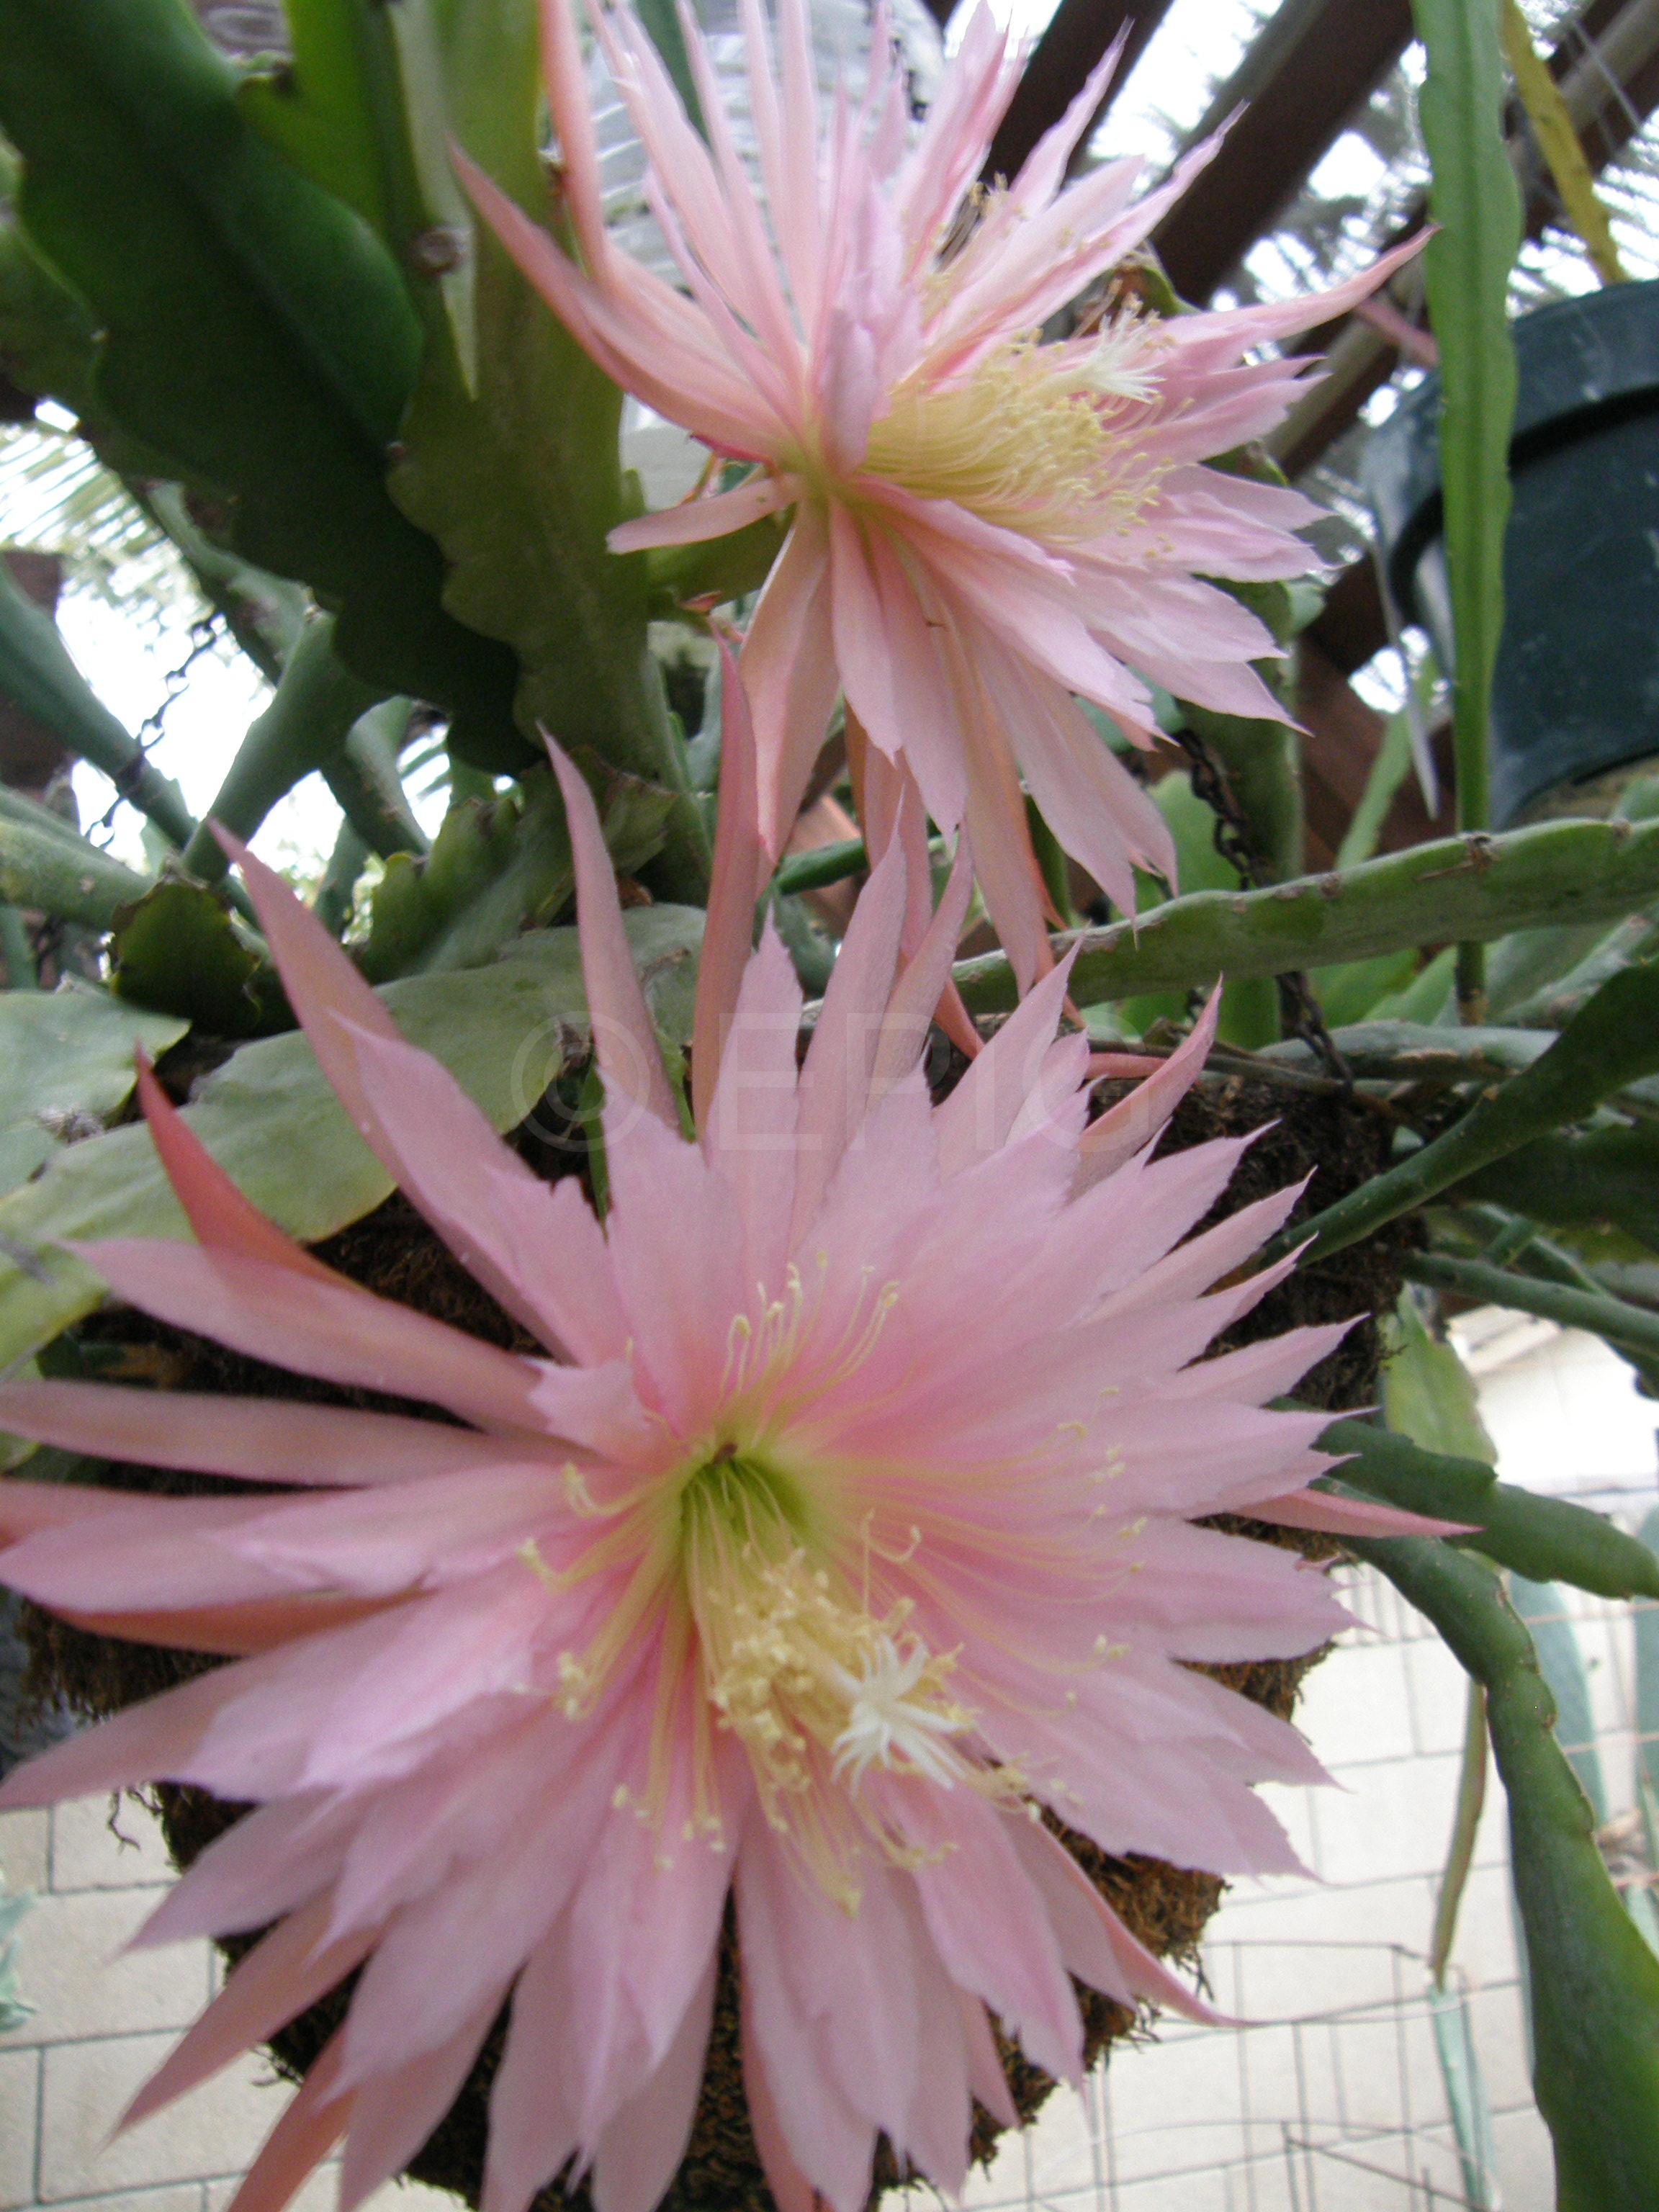 Epikaktus 'Pink Plumes' (Foto Don Burnett)